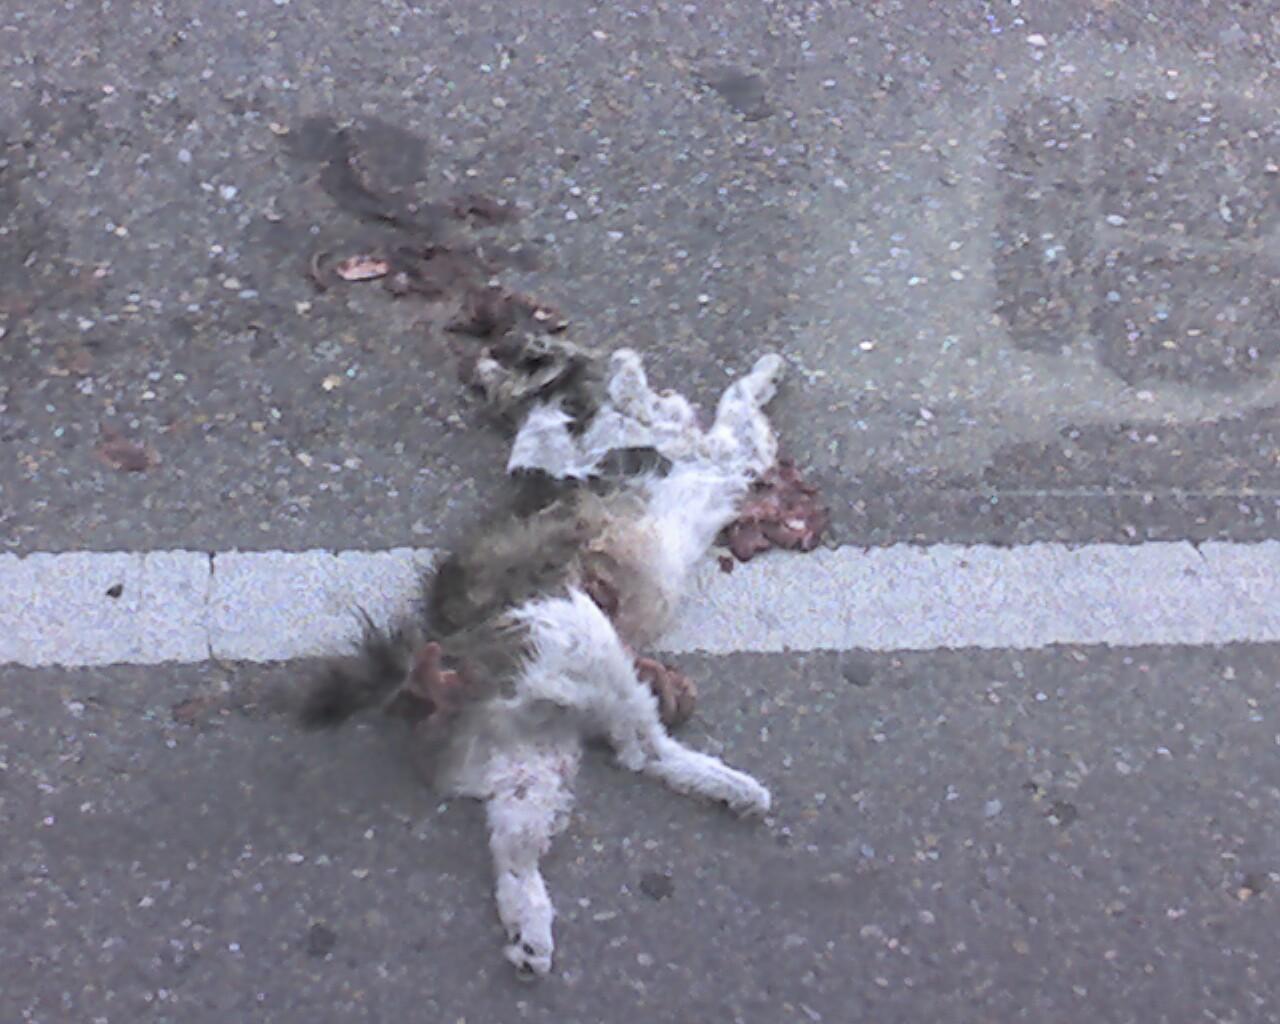 ○●白黒猫 黒白猫 9匹目●○ [無断転載禁止]©2ch.netYouTube動画>5本 ->画像>283枚